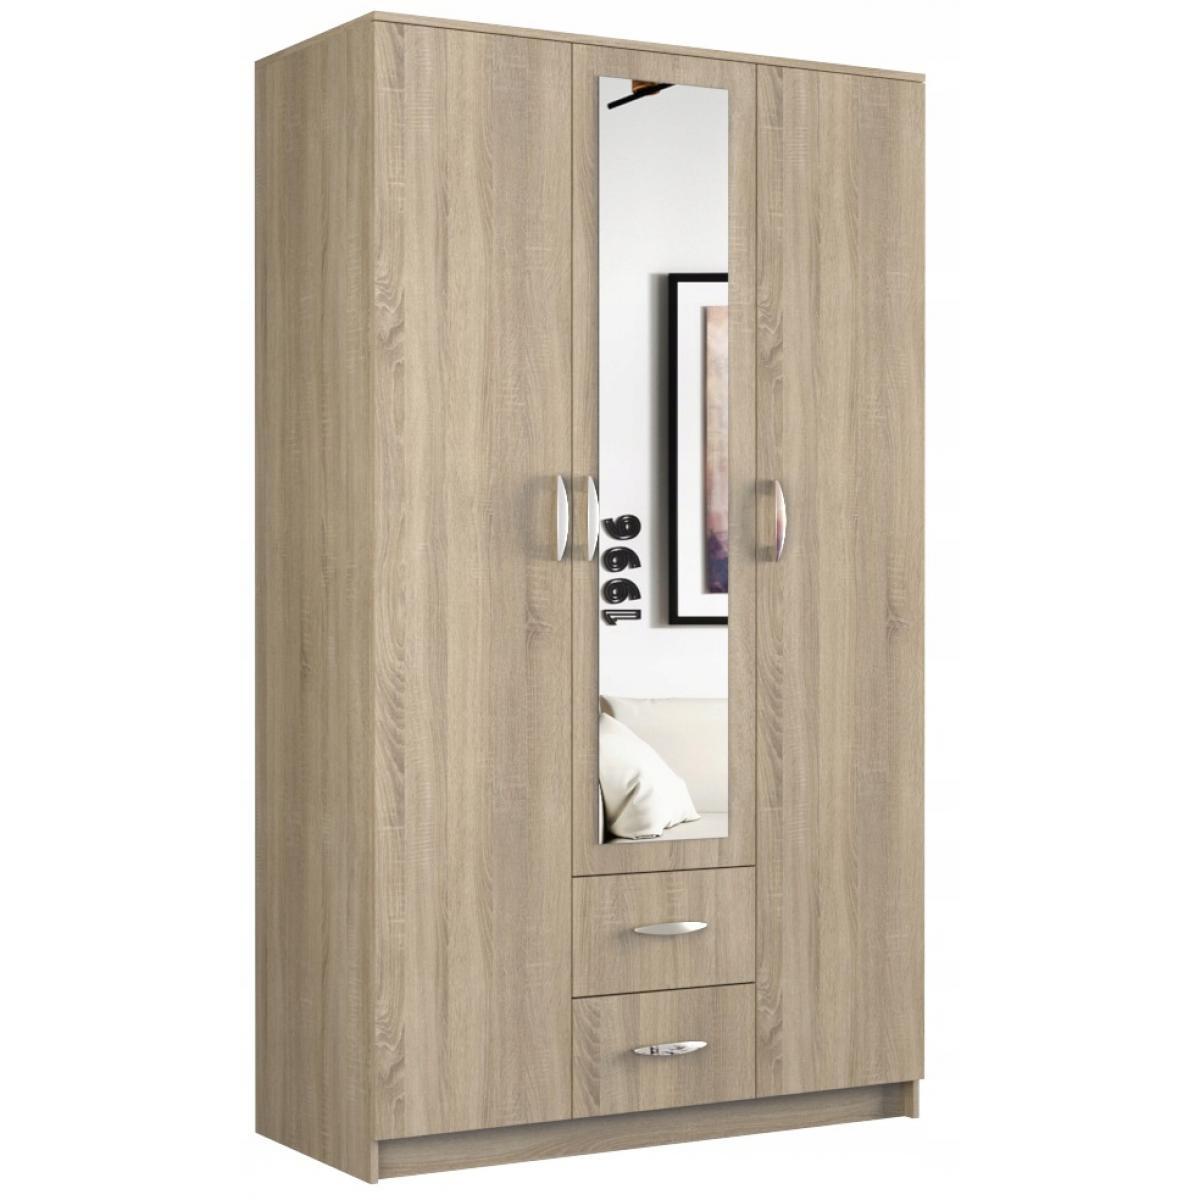 Hucoco ROMA   Grande Armoire chambre bureau   Penderie multifonctions   2 portes   Miroir   2 tiroirs   Meuble de rangement   E